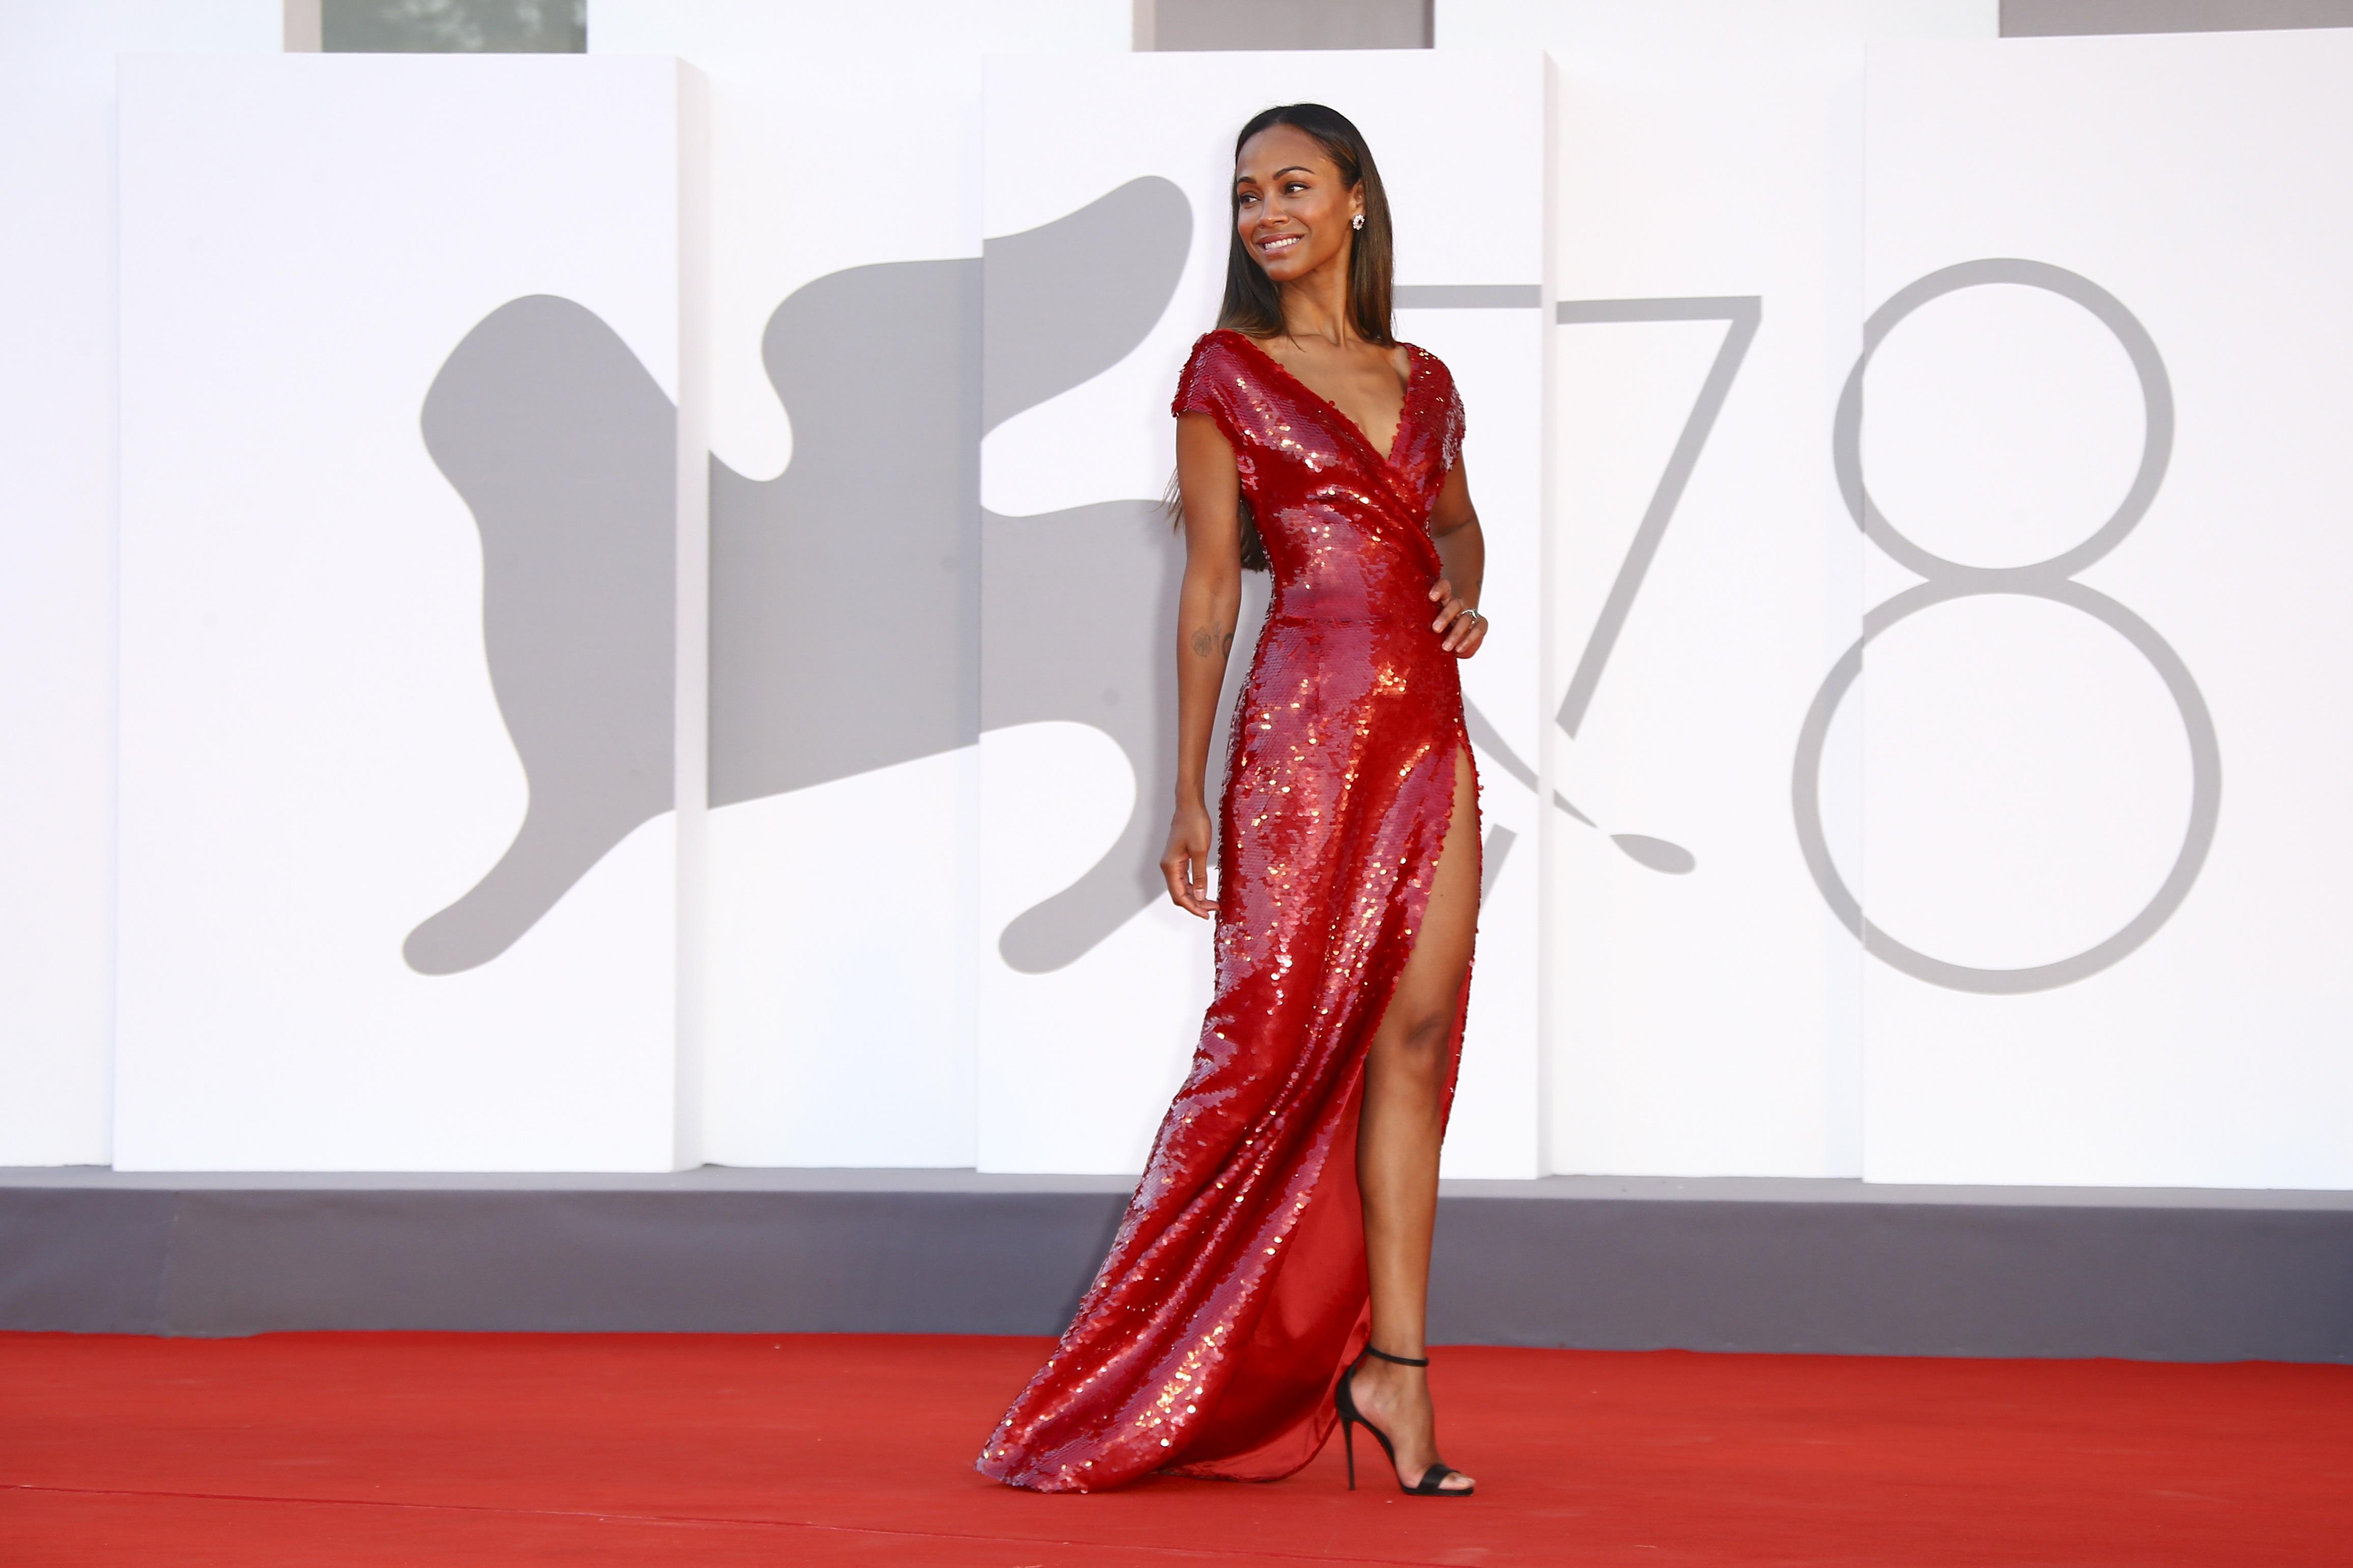 El vestido de Zoe Saldaña fue una creación de Dolce & Gabbana. (AP)